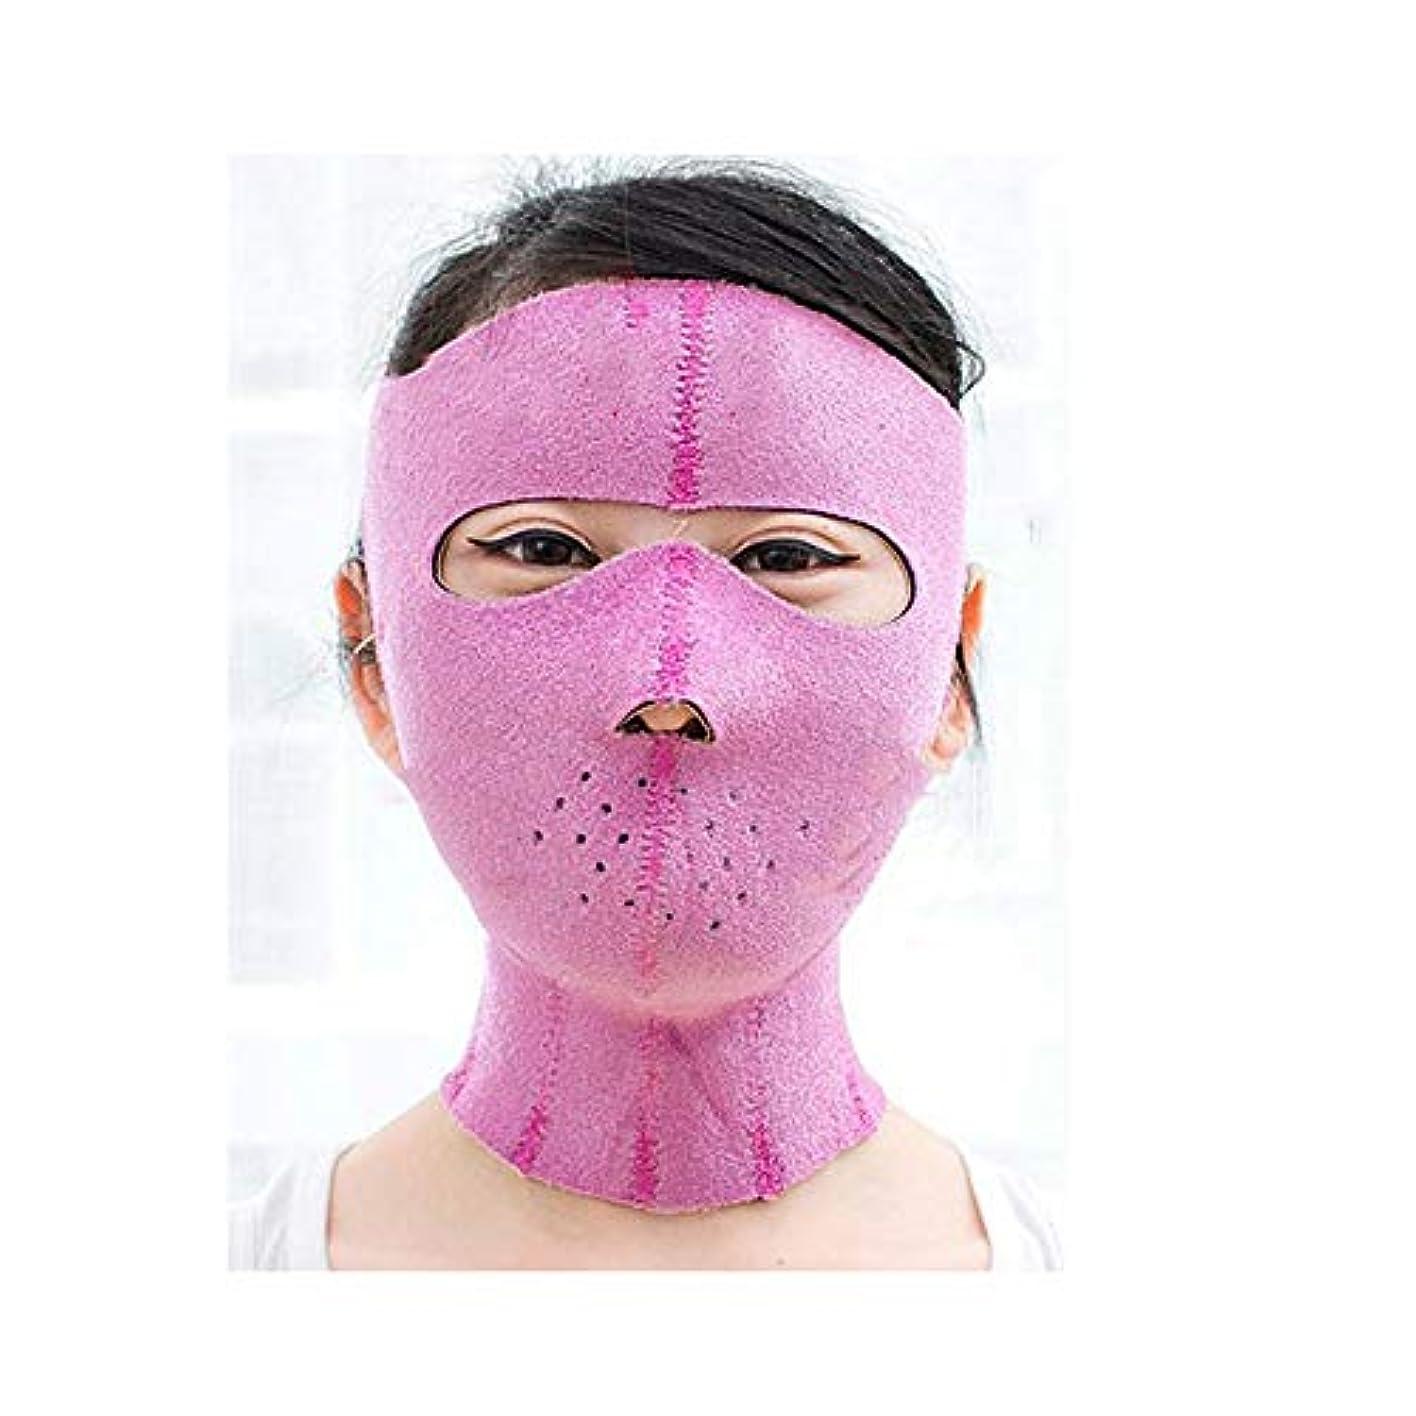 道徳教育組み込む拡声器フェイスリフティングサウナマスク、ウィッキングフェイス包帯/スモールフェイスアーチファクト/フェイスマスク(ピンク)